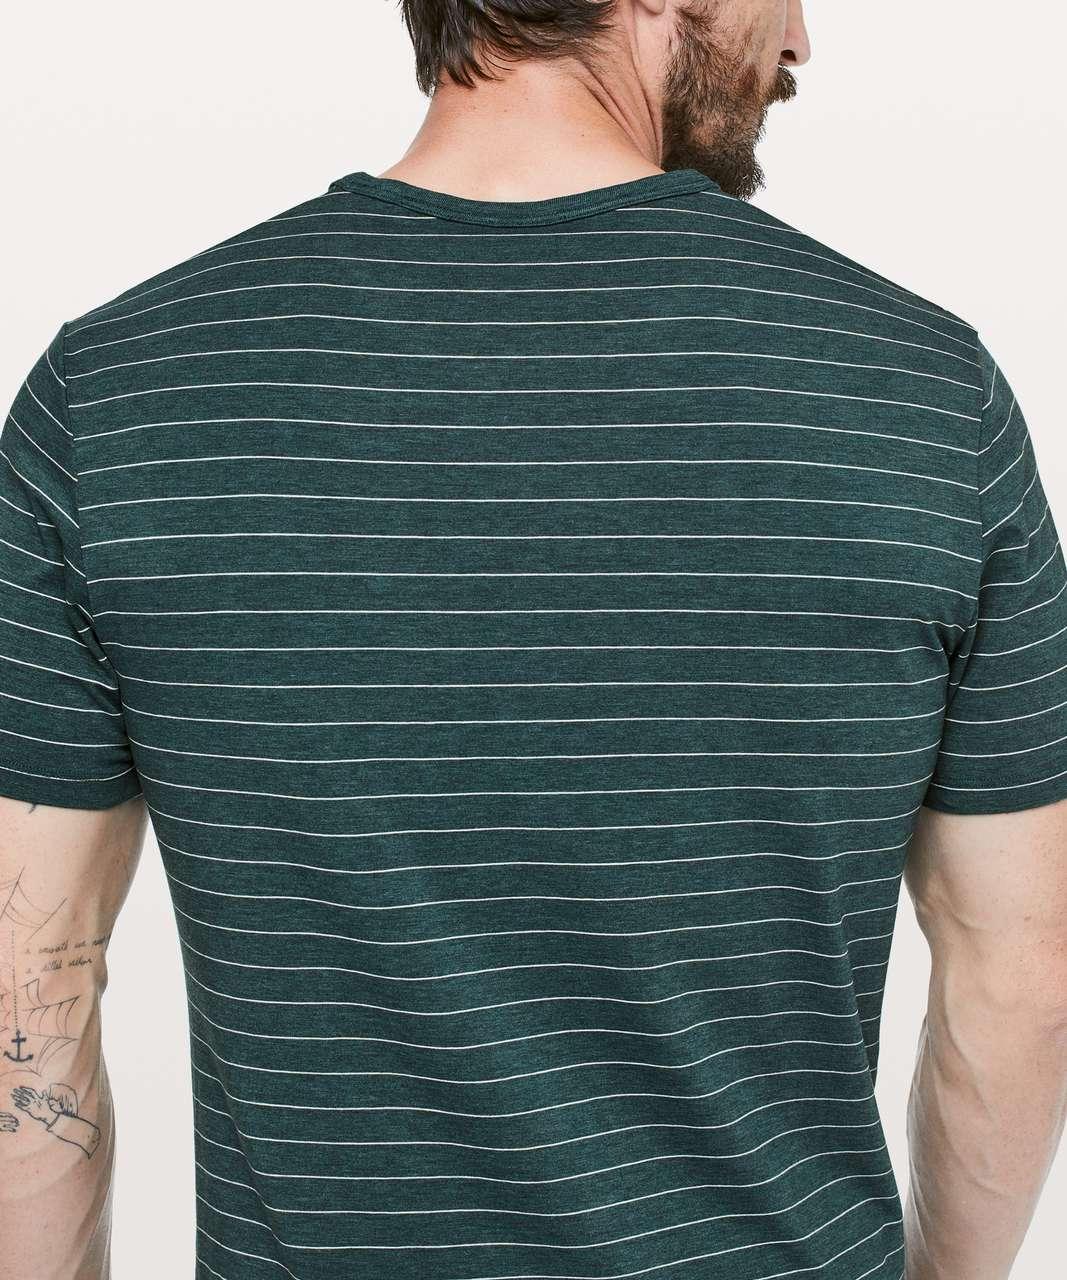 Lululemon 5 Year Basic Tee *Updated Fit - Short Serve Stripe Heathered Royal Emerald Moon Shine